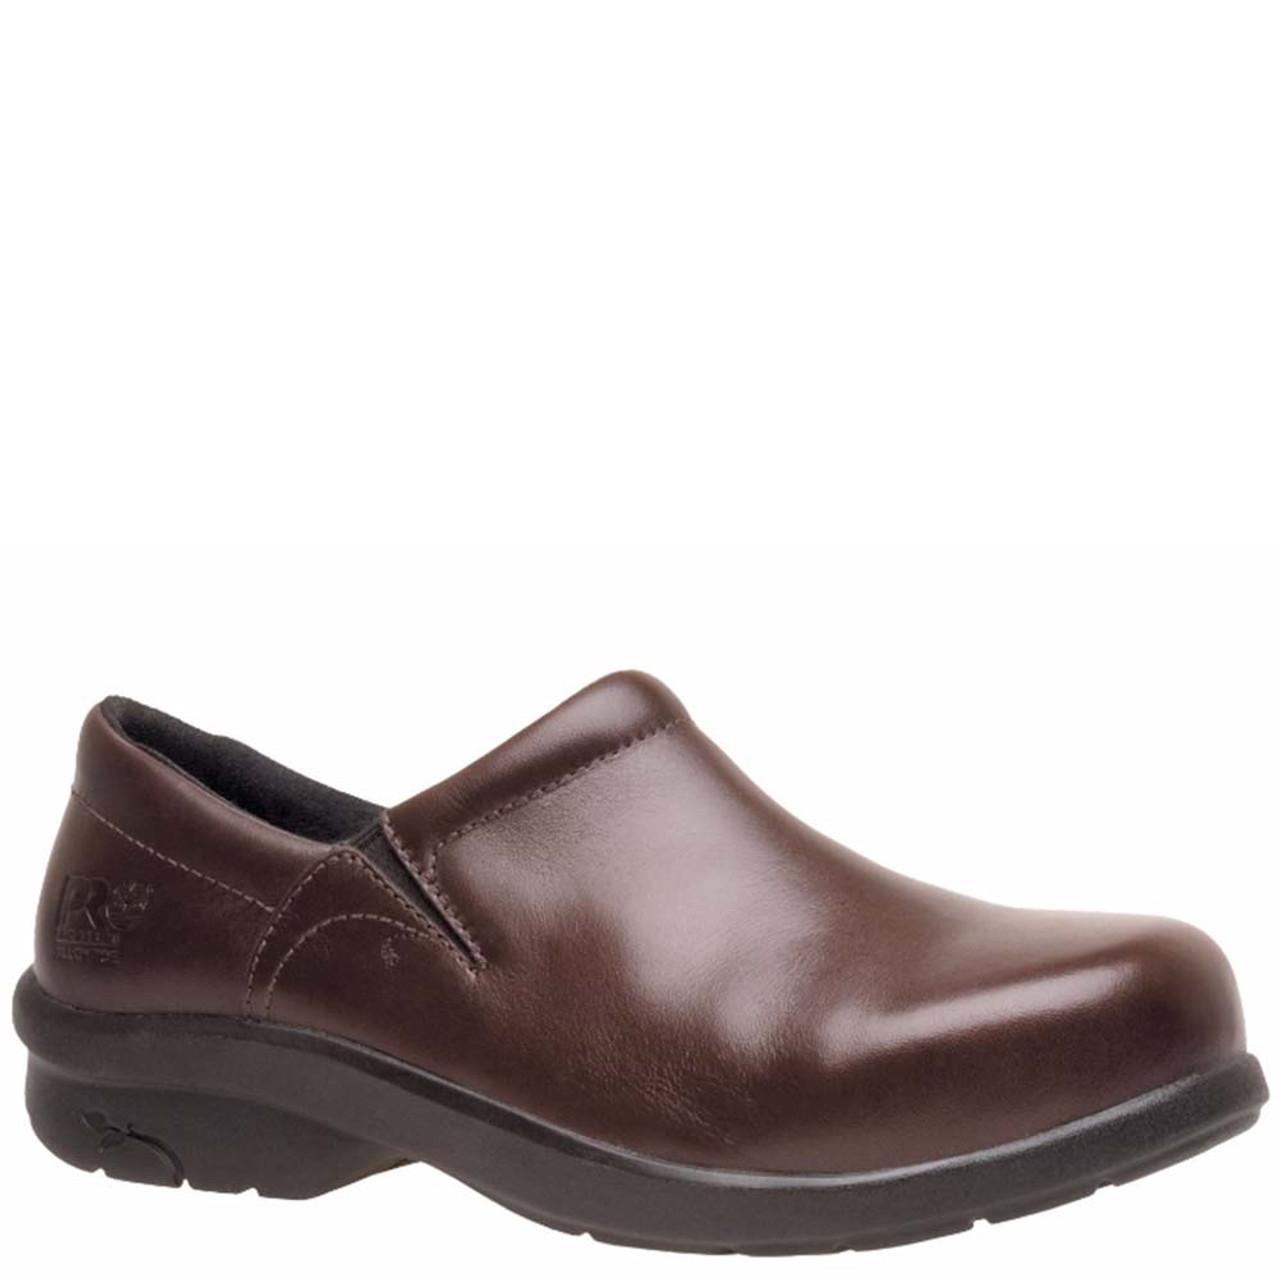 Timberland PRO 85599214 NEWBURY Brown